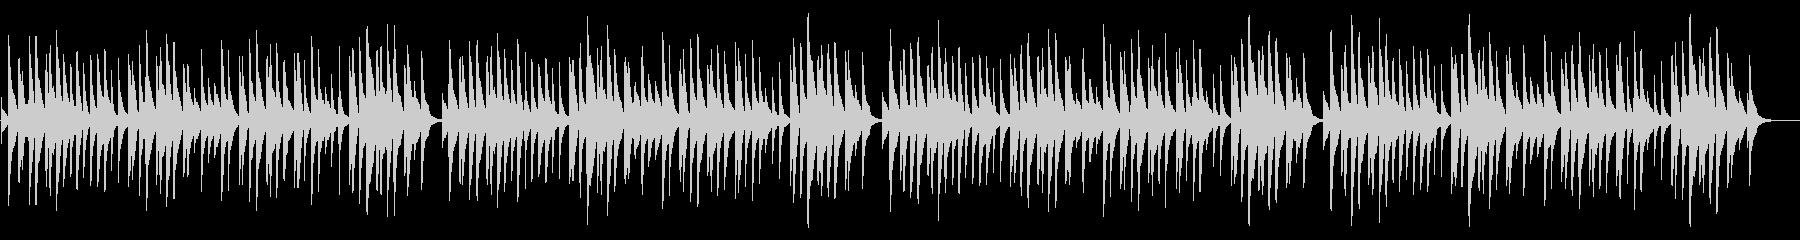 蛍の光 18弁オルゴールの未再生の波形